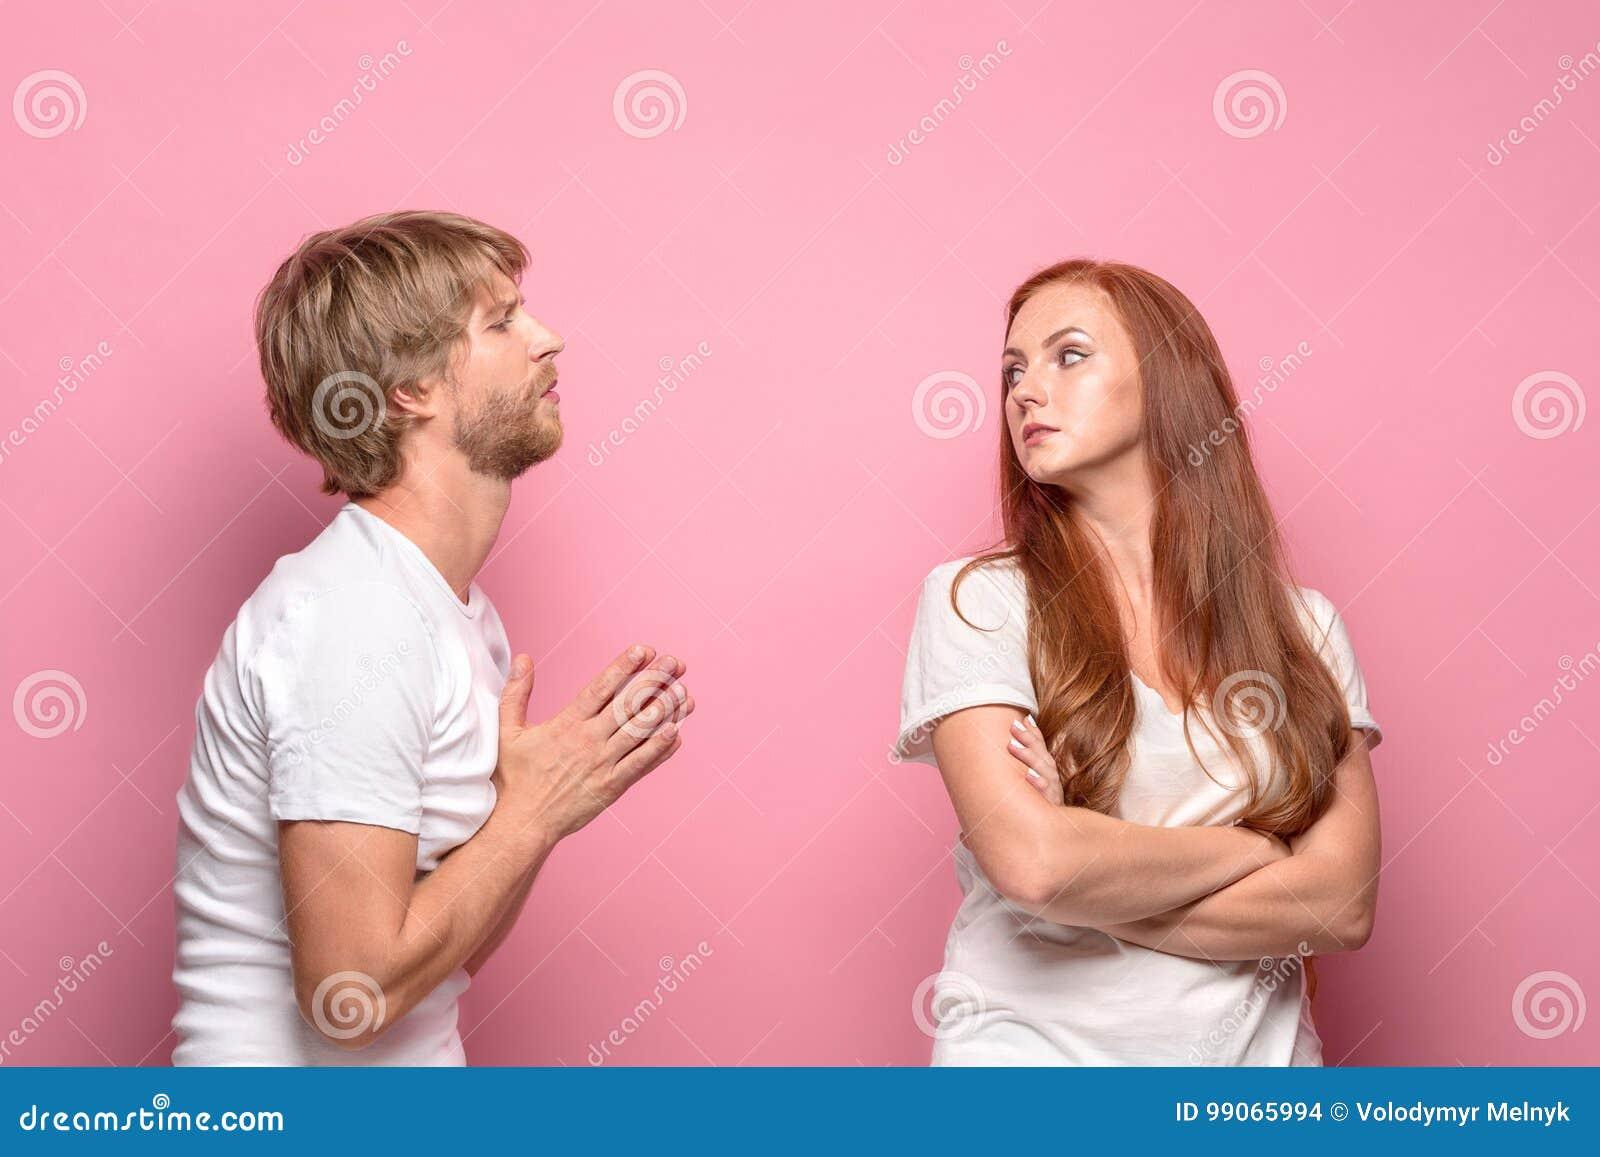 El conflicto de pares